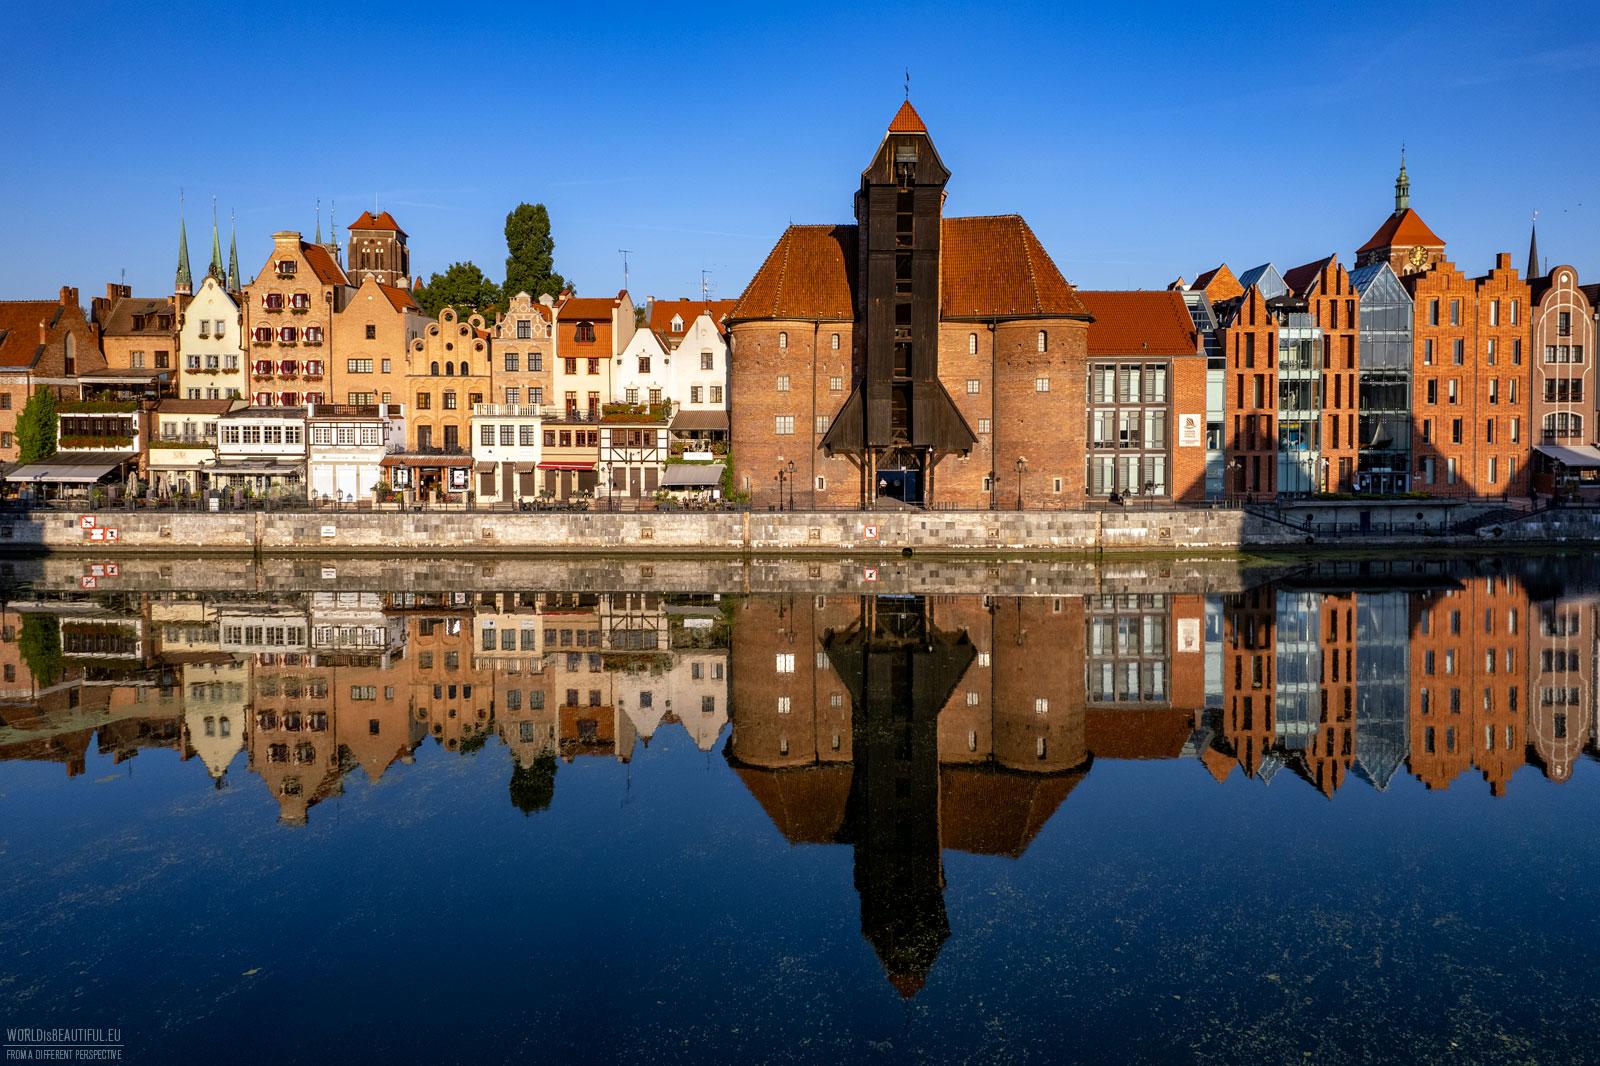 Widokówka z Gdańska